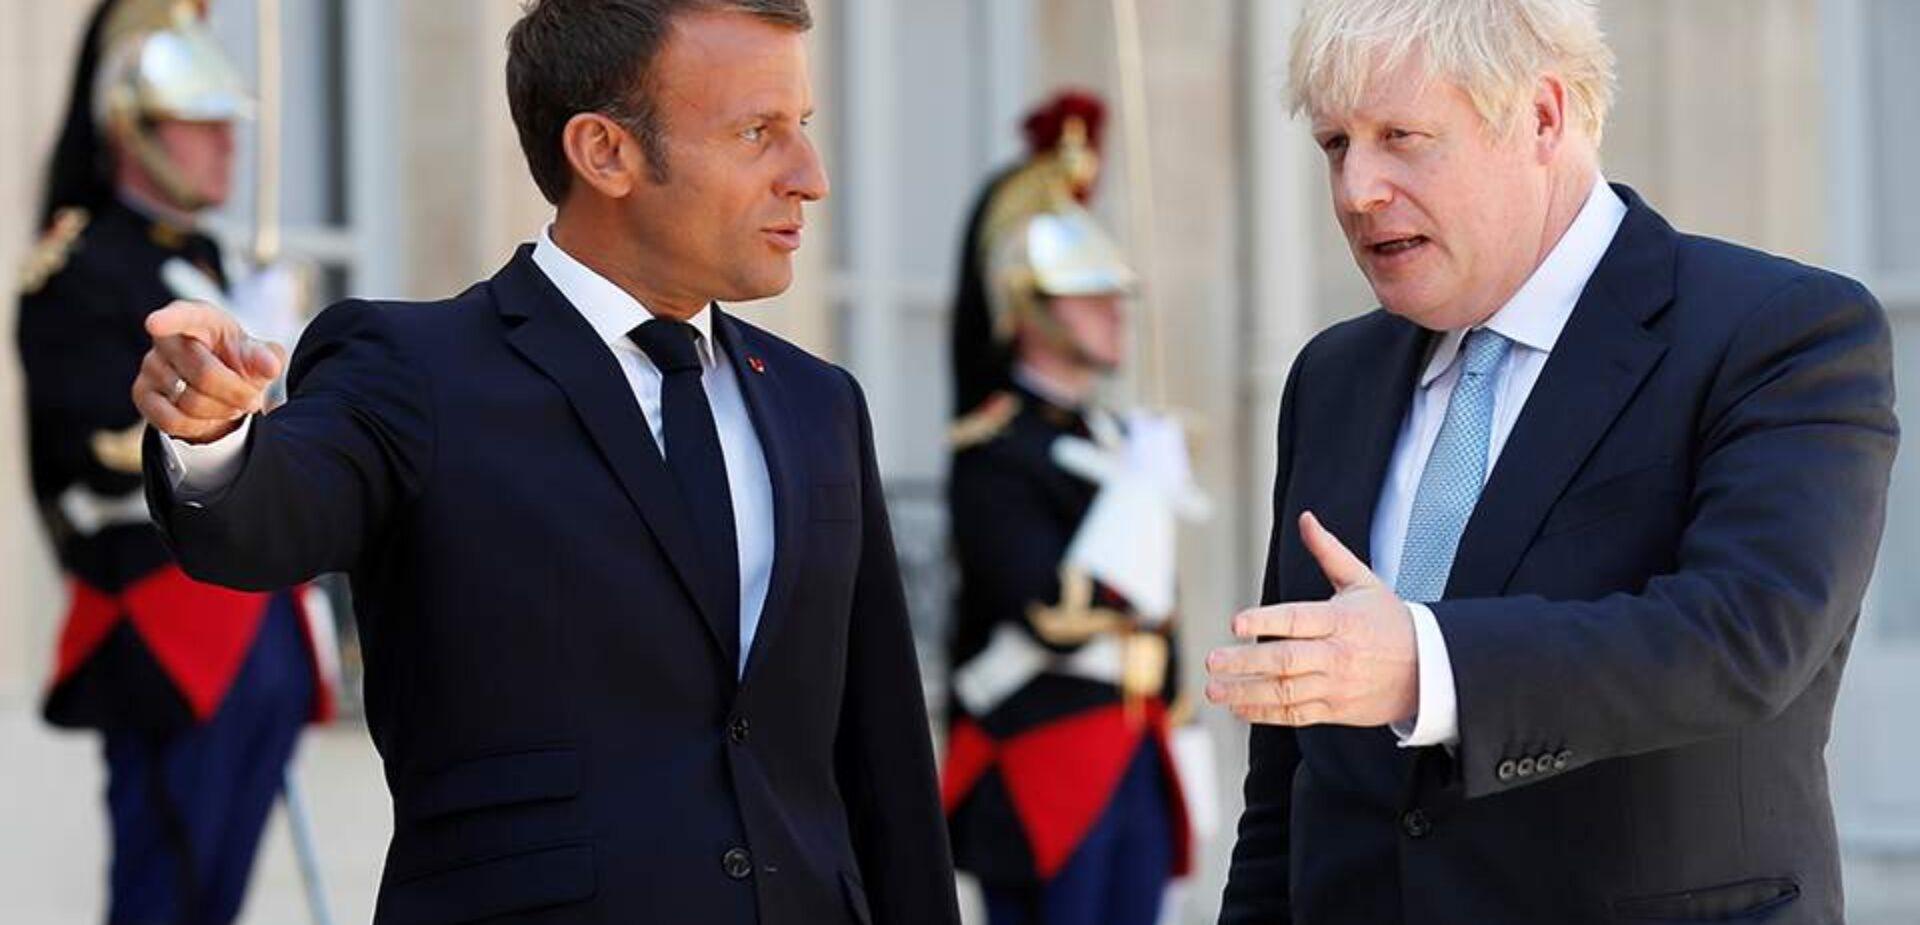 Μακρόν προς Τζόνσον: Η τύχη της Βρετανίας βρίσκεται στα χέρια σας